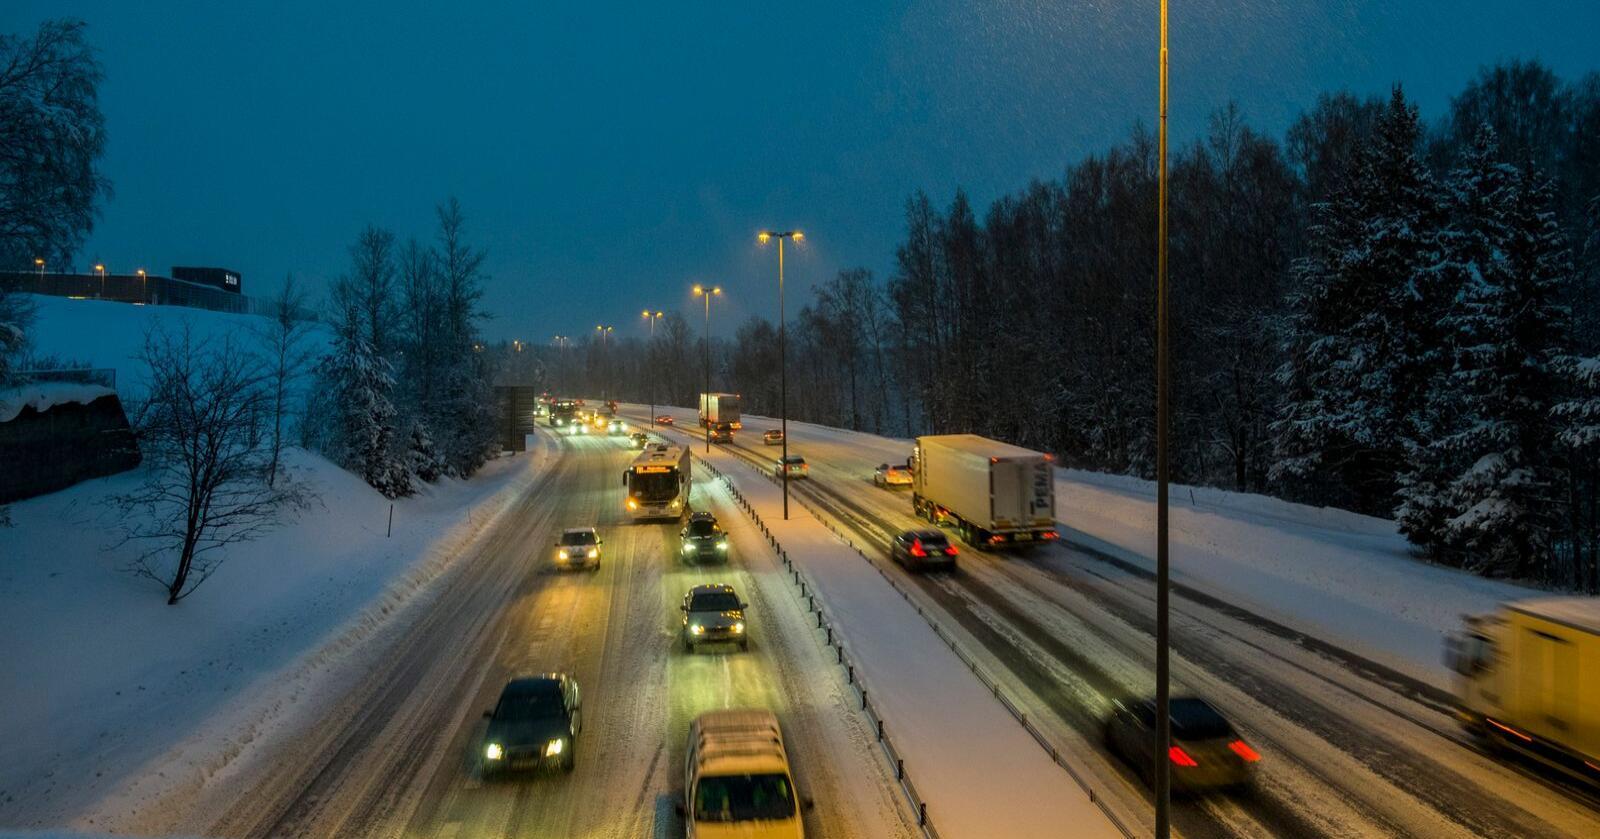 Åtte personer omkom i trafikkulykker i november. I løpet av årets elleve første måneder har 96 personer mistet livet i trafikken. Illustrasjonsfoto: Vidar Ruud / NTB scanpix